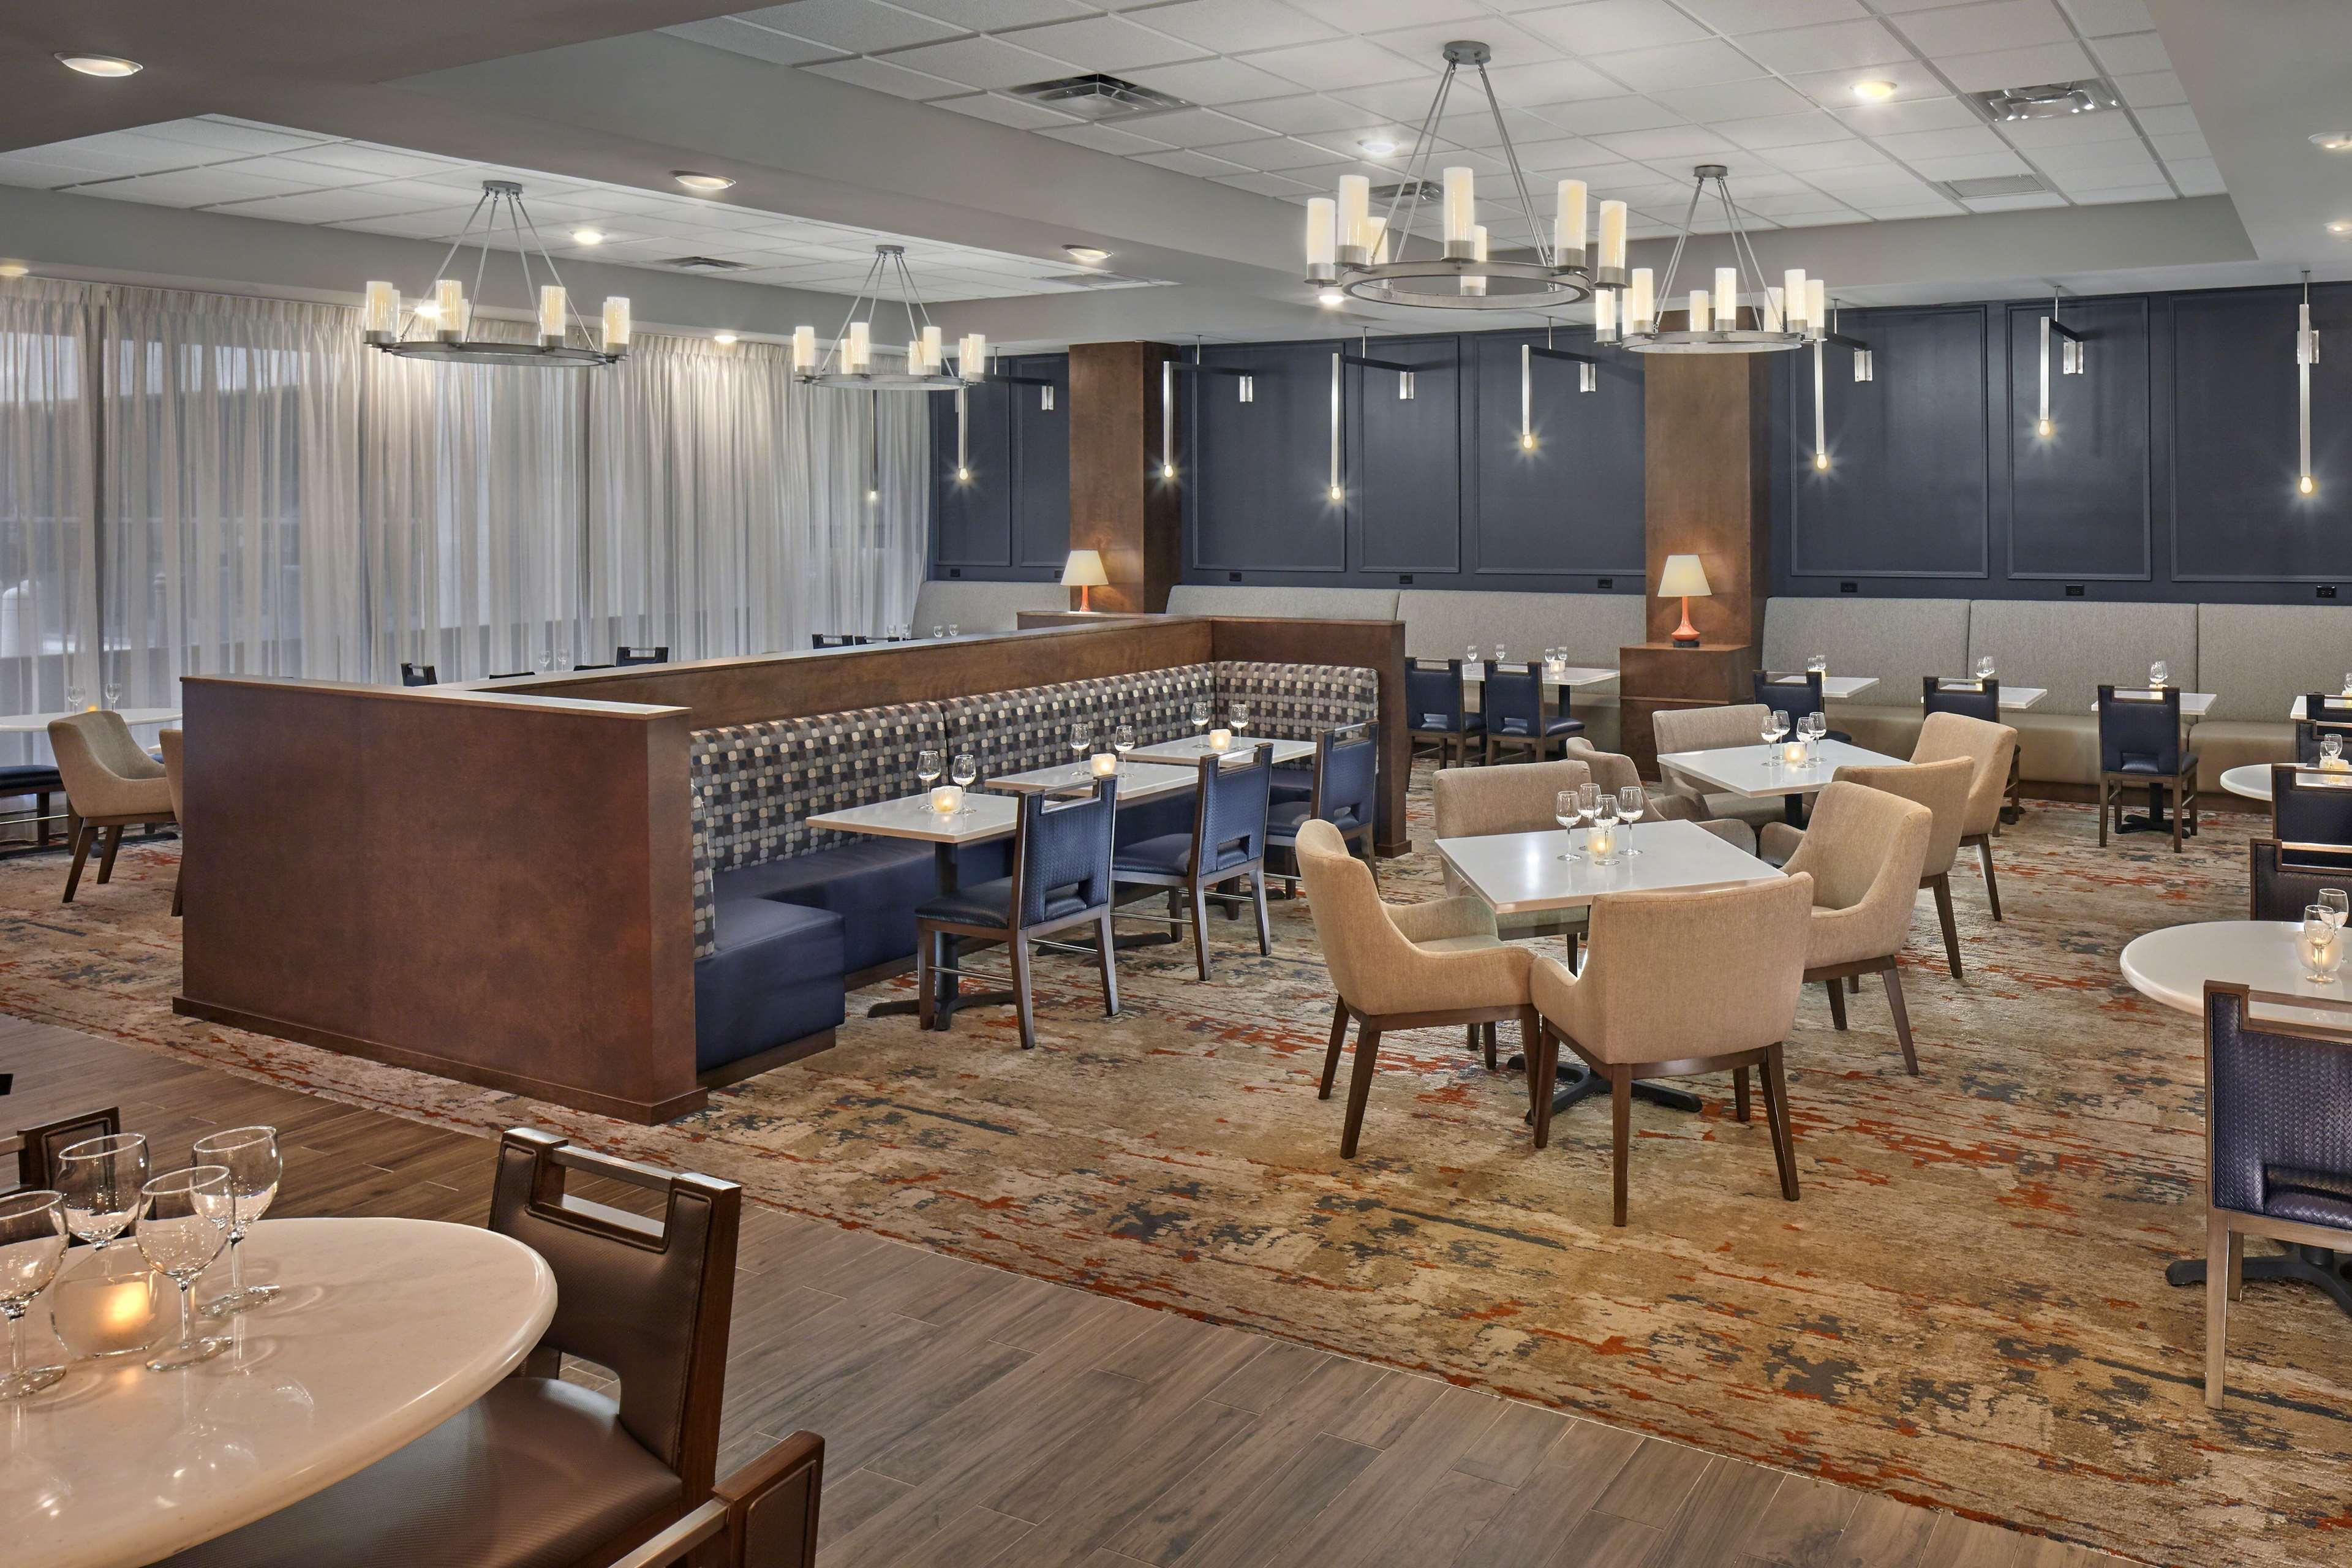 DoubleTree by Hilton Hotel Little Rock image 7